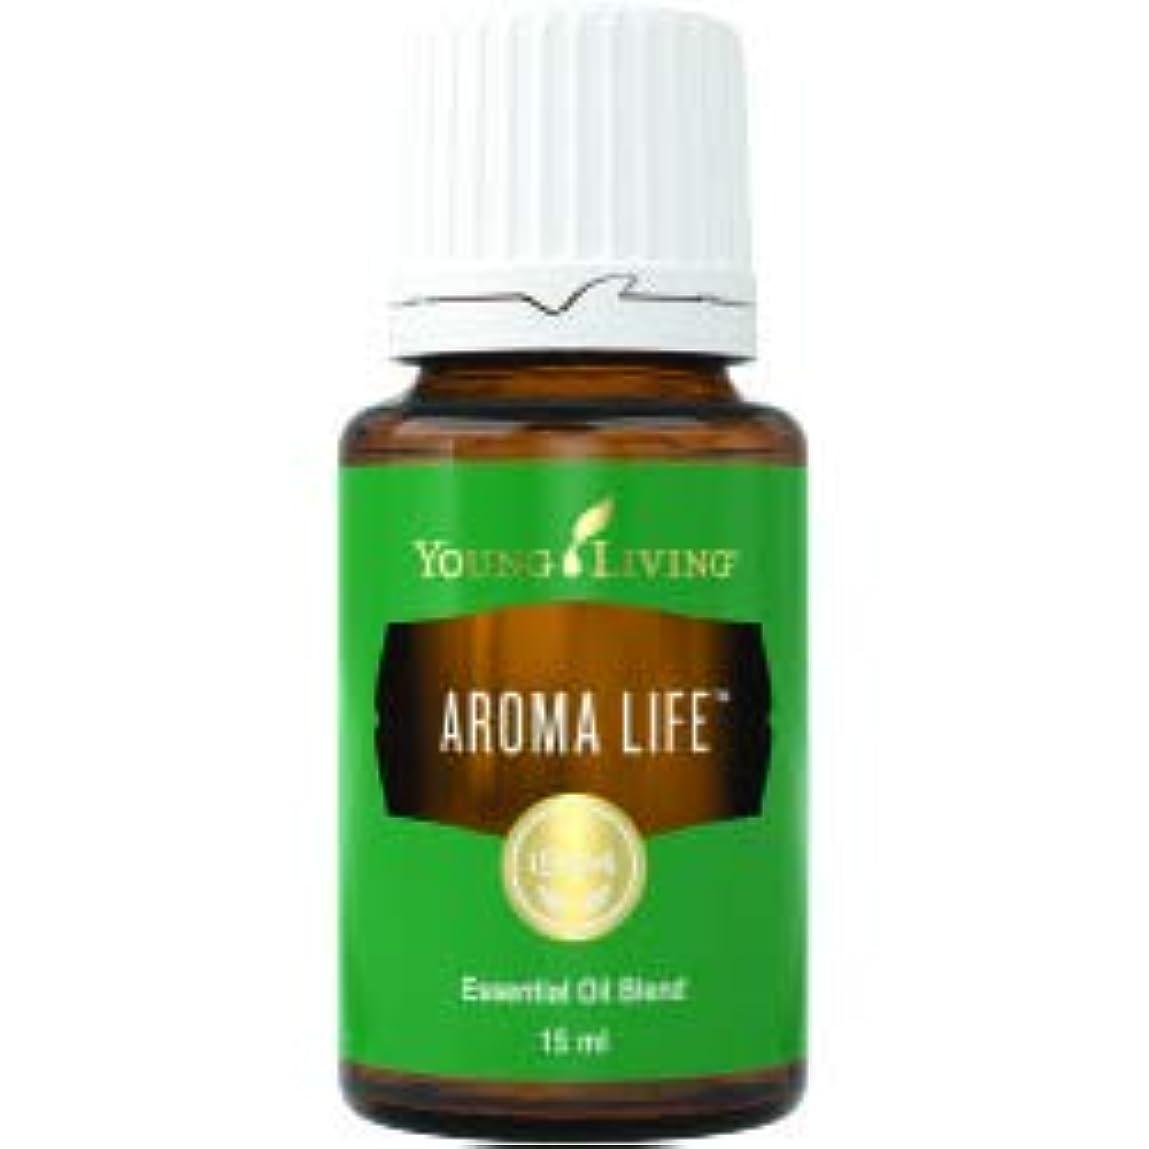 プレミア論理襲撃アロマライフ™は、イランイランの調和効果と既知の大手サイプレス、ヘリクリサム、マジョラムを組み合わせたものです。オイルブレンドはあなたの生命力を活性化し、リラックスをもたらします Aroma Life Essential...